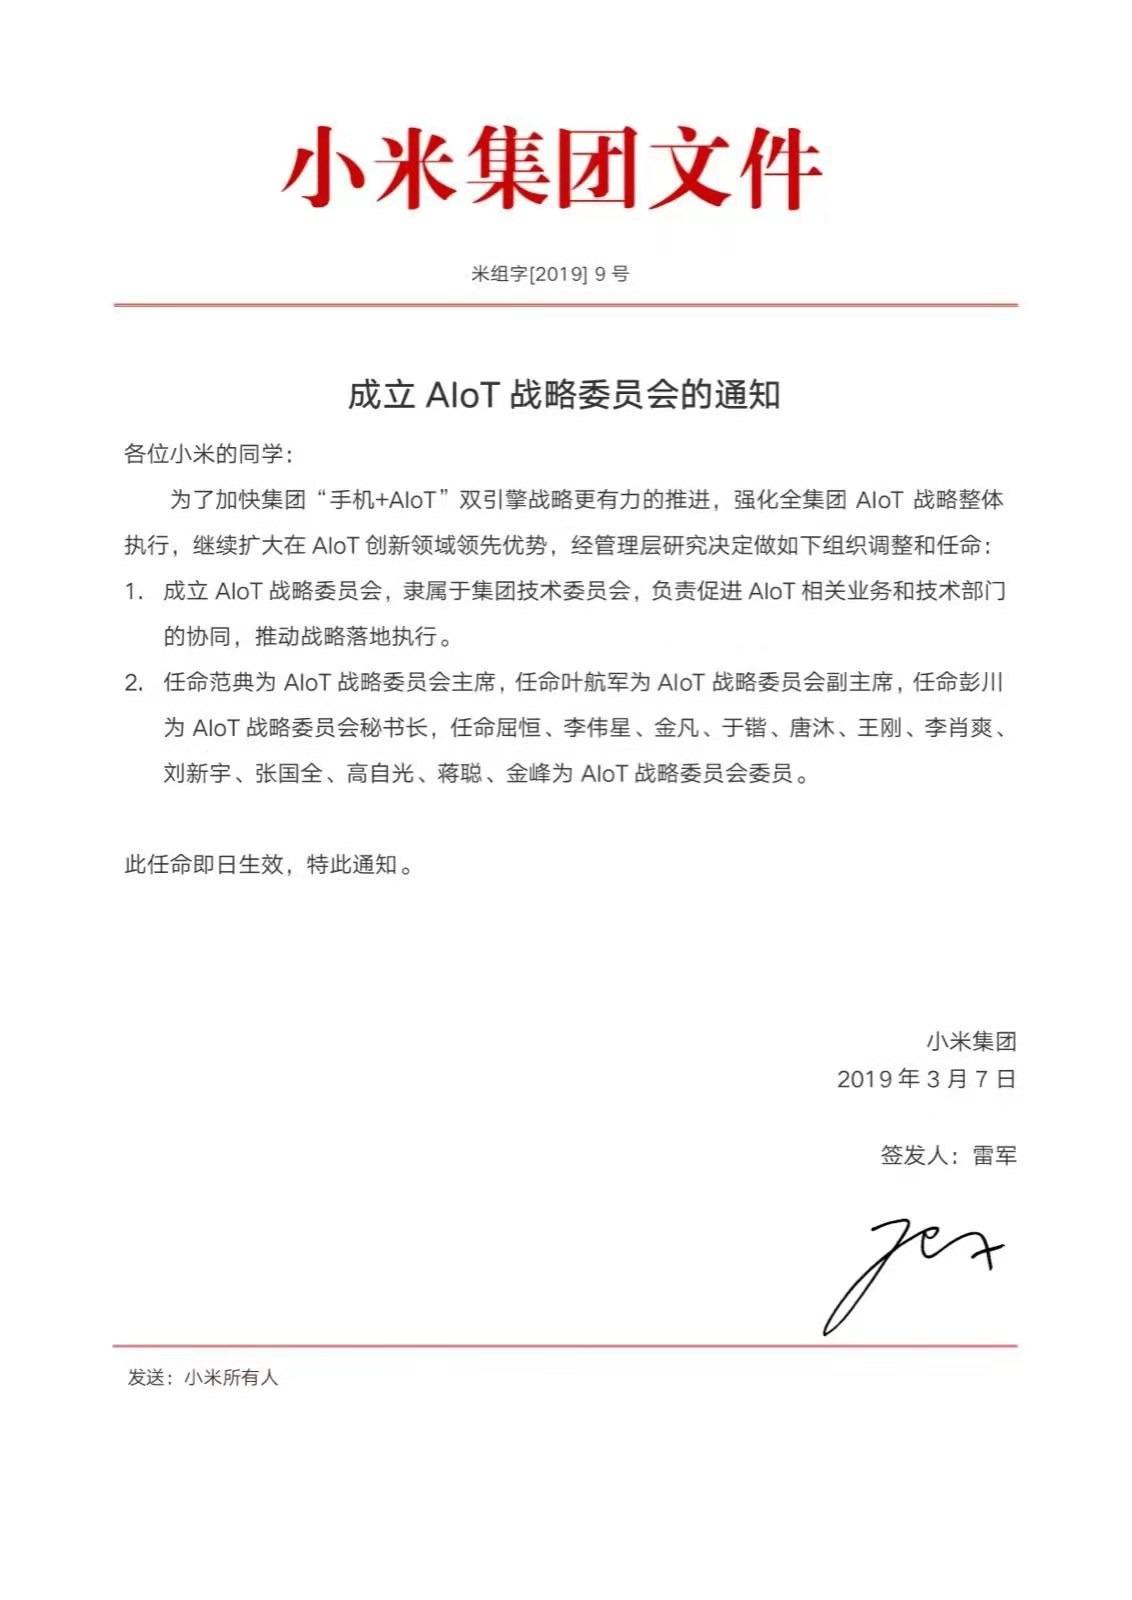 小米成立AIoT战略委员会  5年100亿All in AIoT落地加速-瓦力评测